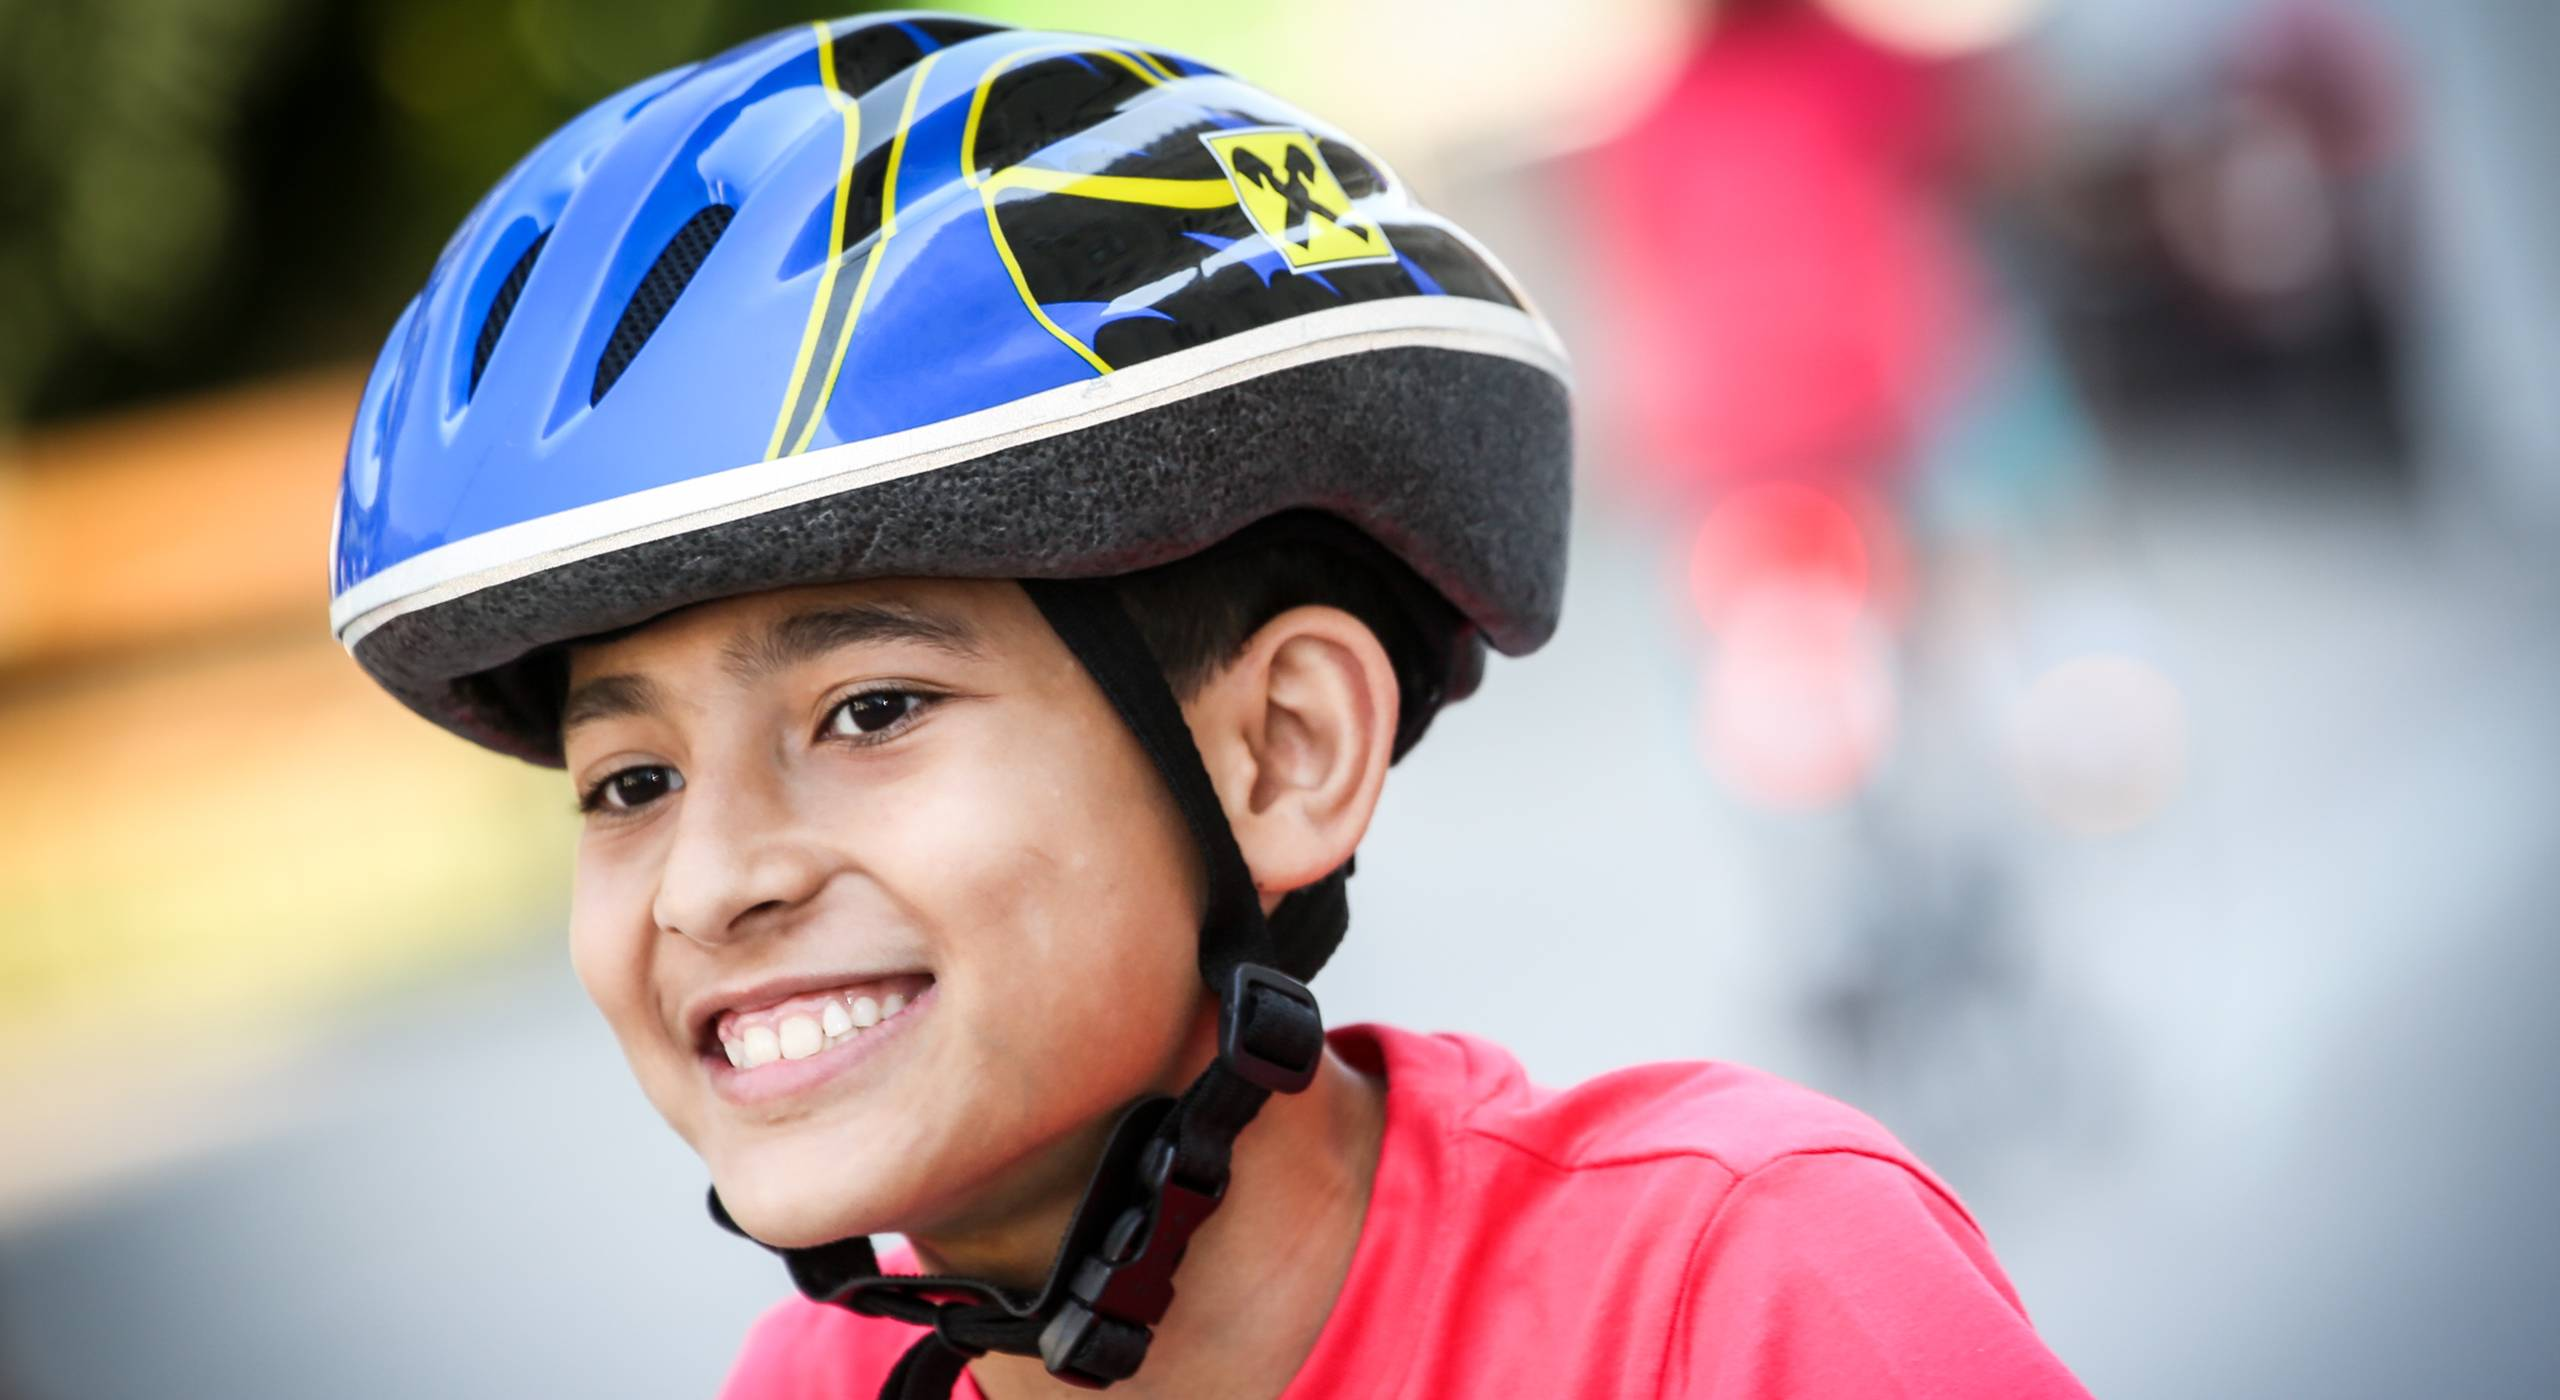 Portrait eines Buben der einen Fahrrad-Helm trägt. Foto von Christian Fürthner